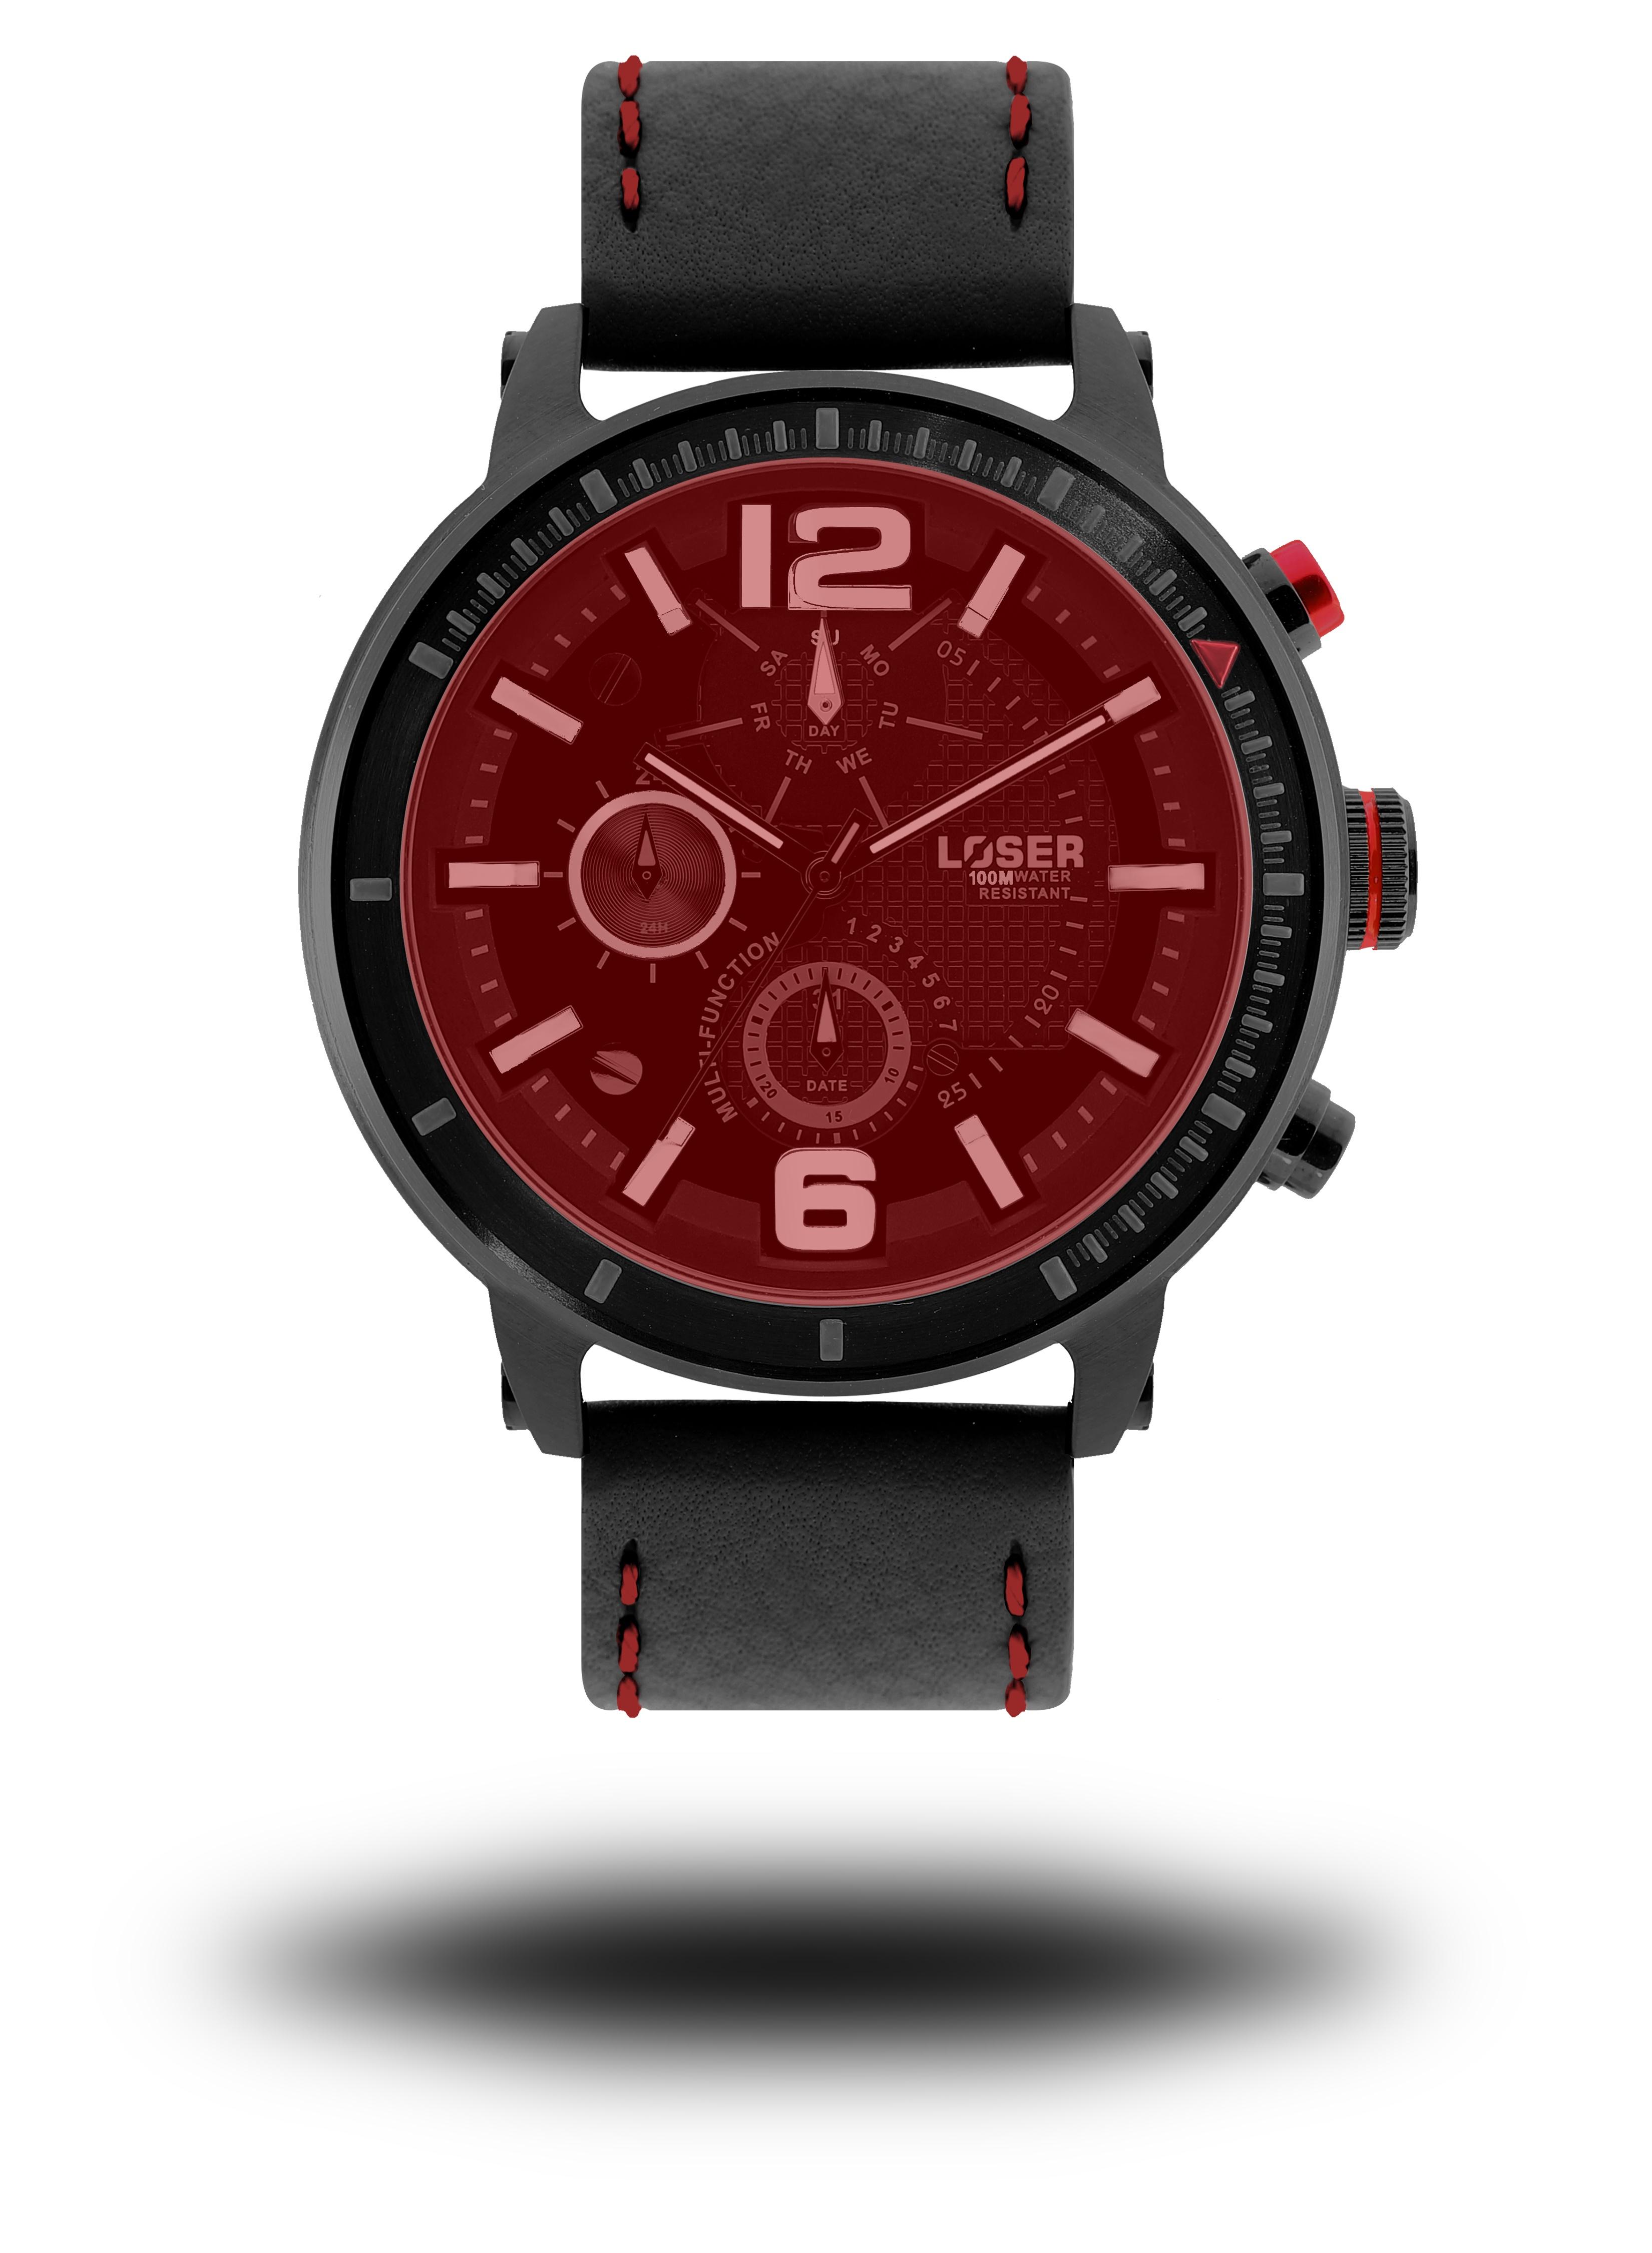 Luxusní nadčasové sportovní vodotěsné hodinky LOSER S-Mode FIRE (POŠTOVNÉ ZDARMA!! )